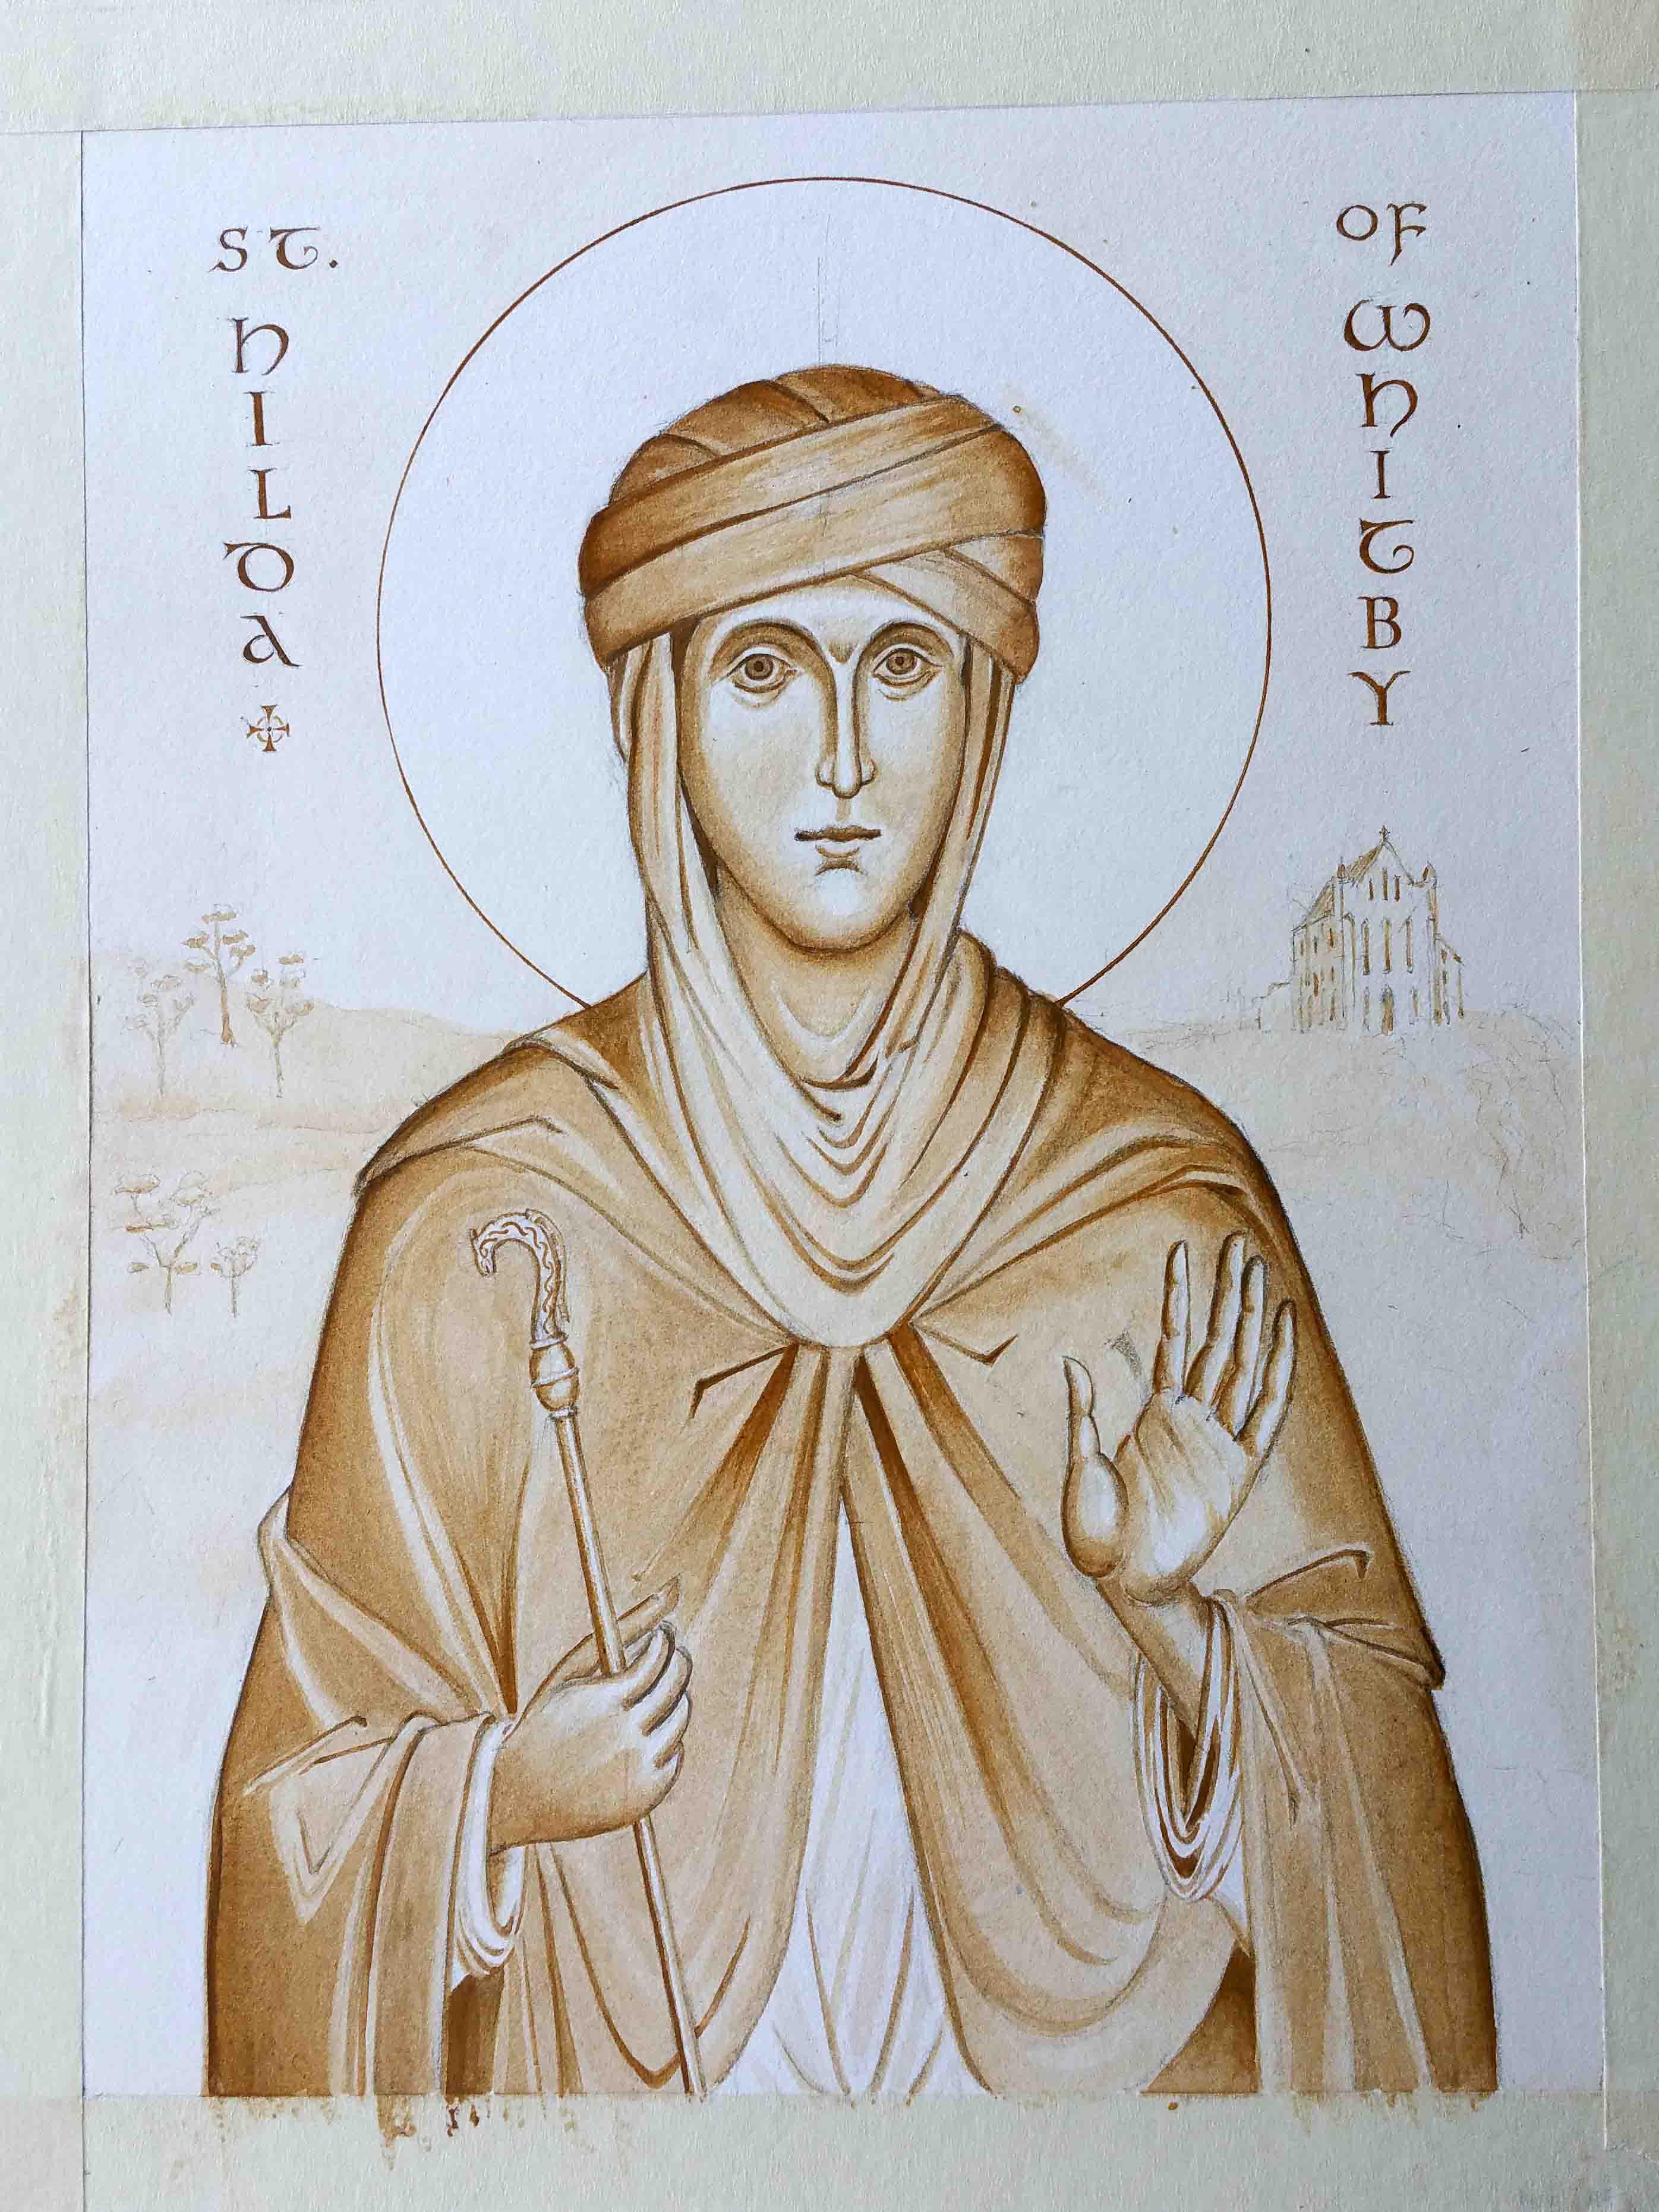 St Hilda work in prog Cruwys